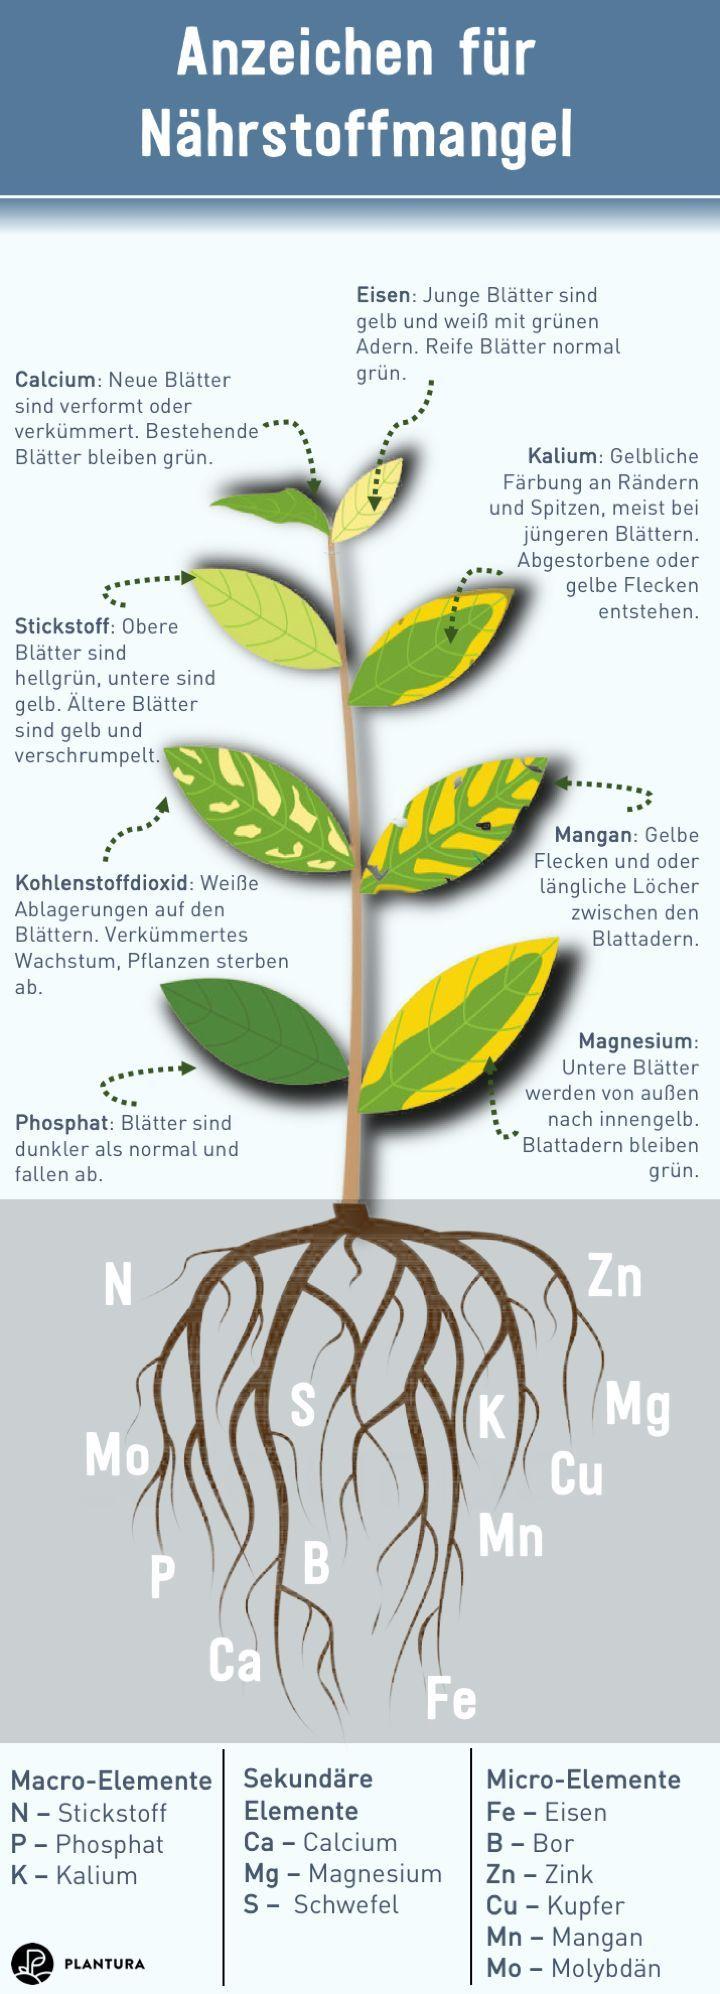 Bio Universaldunger Von Anzeichen Fur Nahrstoffmangel Auch Eine Pflanze Benotigt Nahrstoffe Um Zu Gedeihen D Organic Gardening Organic Fertilizer Fertilizer